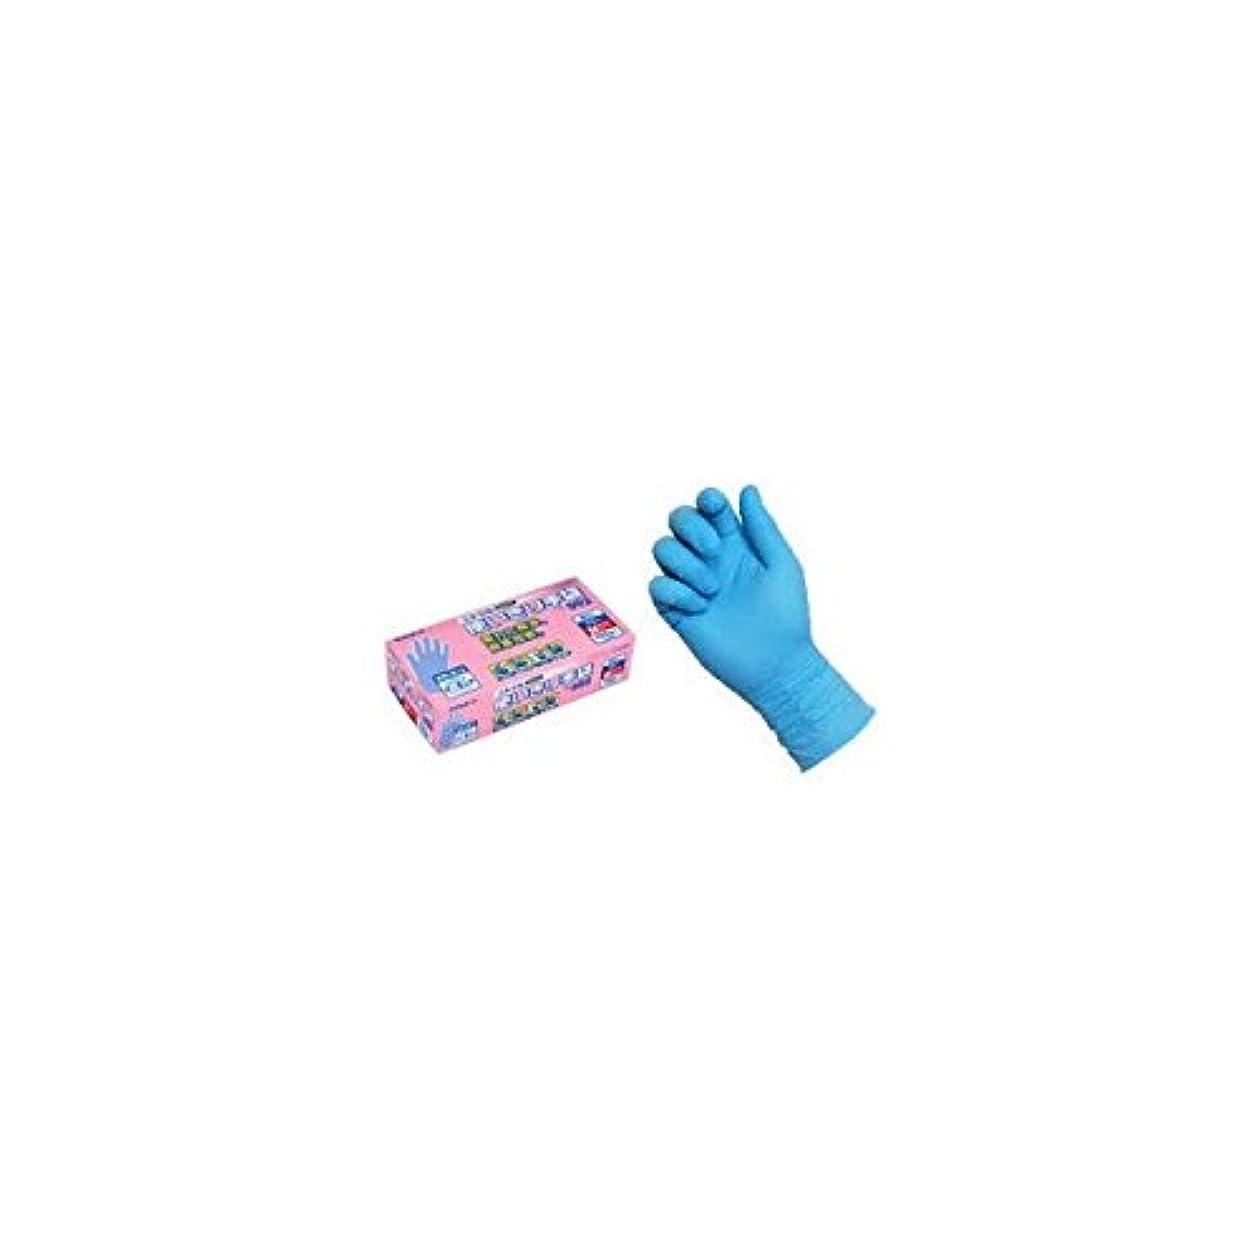 マスクトレーニングご意見ニトリル使いきり手袋 PF NO.992 L ブルー エステー 【商品CD】ST4786